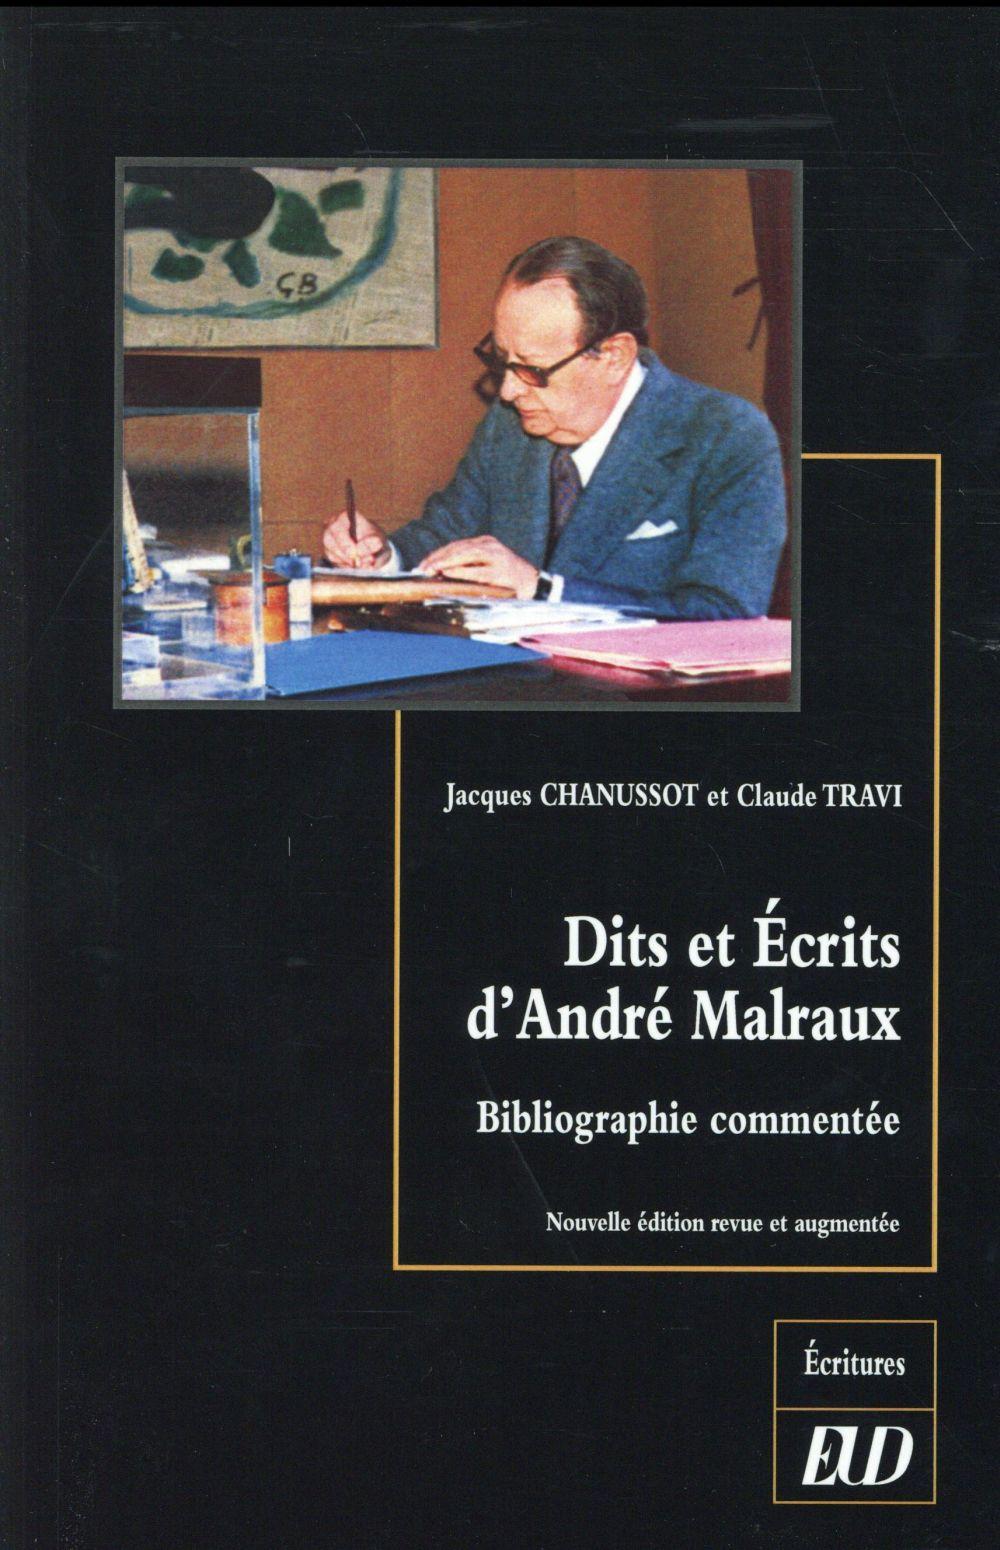 Dits et ecrits d andre malraux : bibliographie commentee - nouvelle edition revue et augmentee